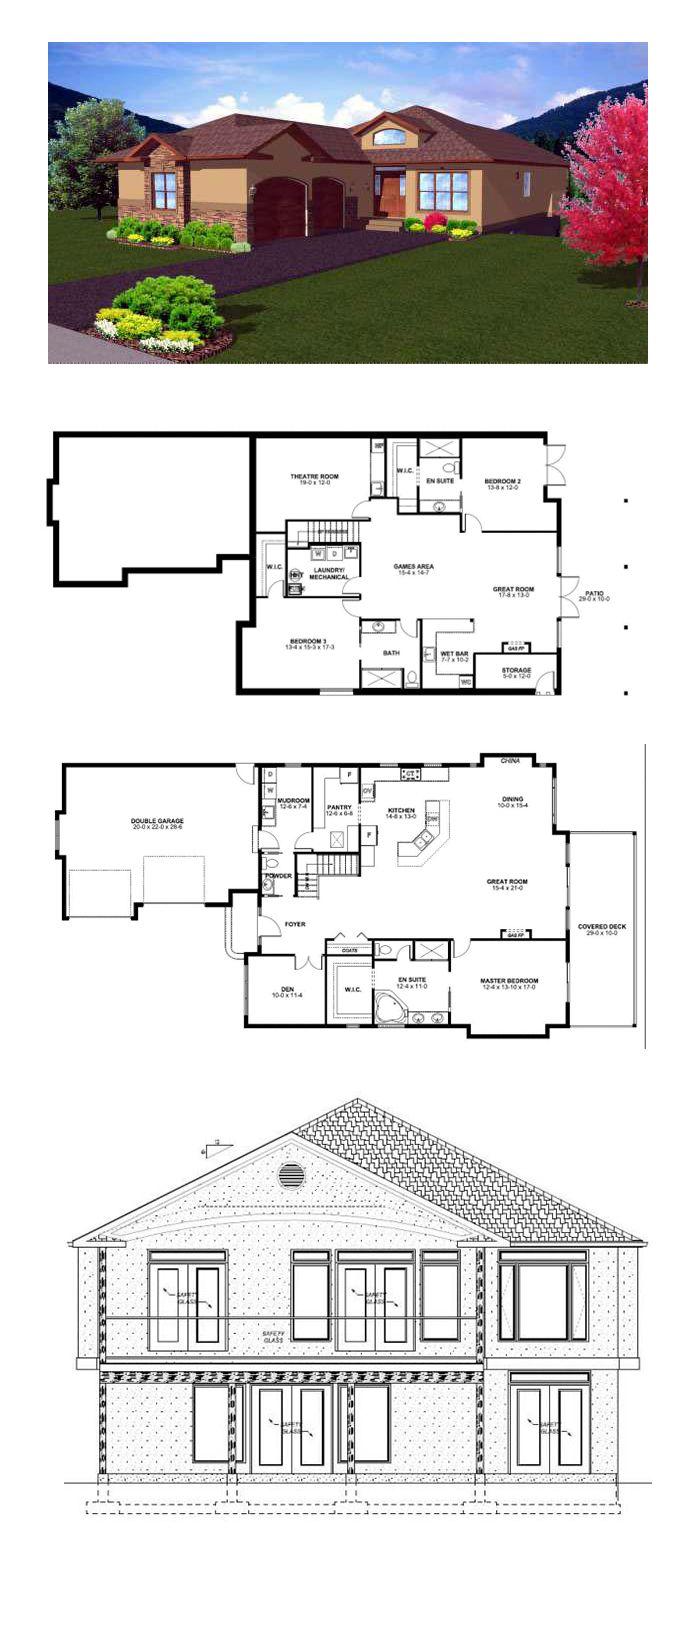 Hillside House Plan 99981 Total Living Area: 1796 sq ft